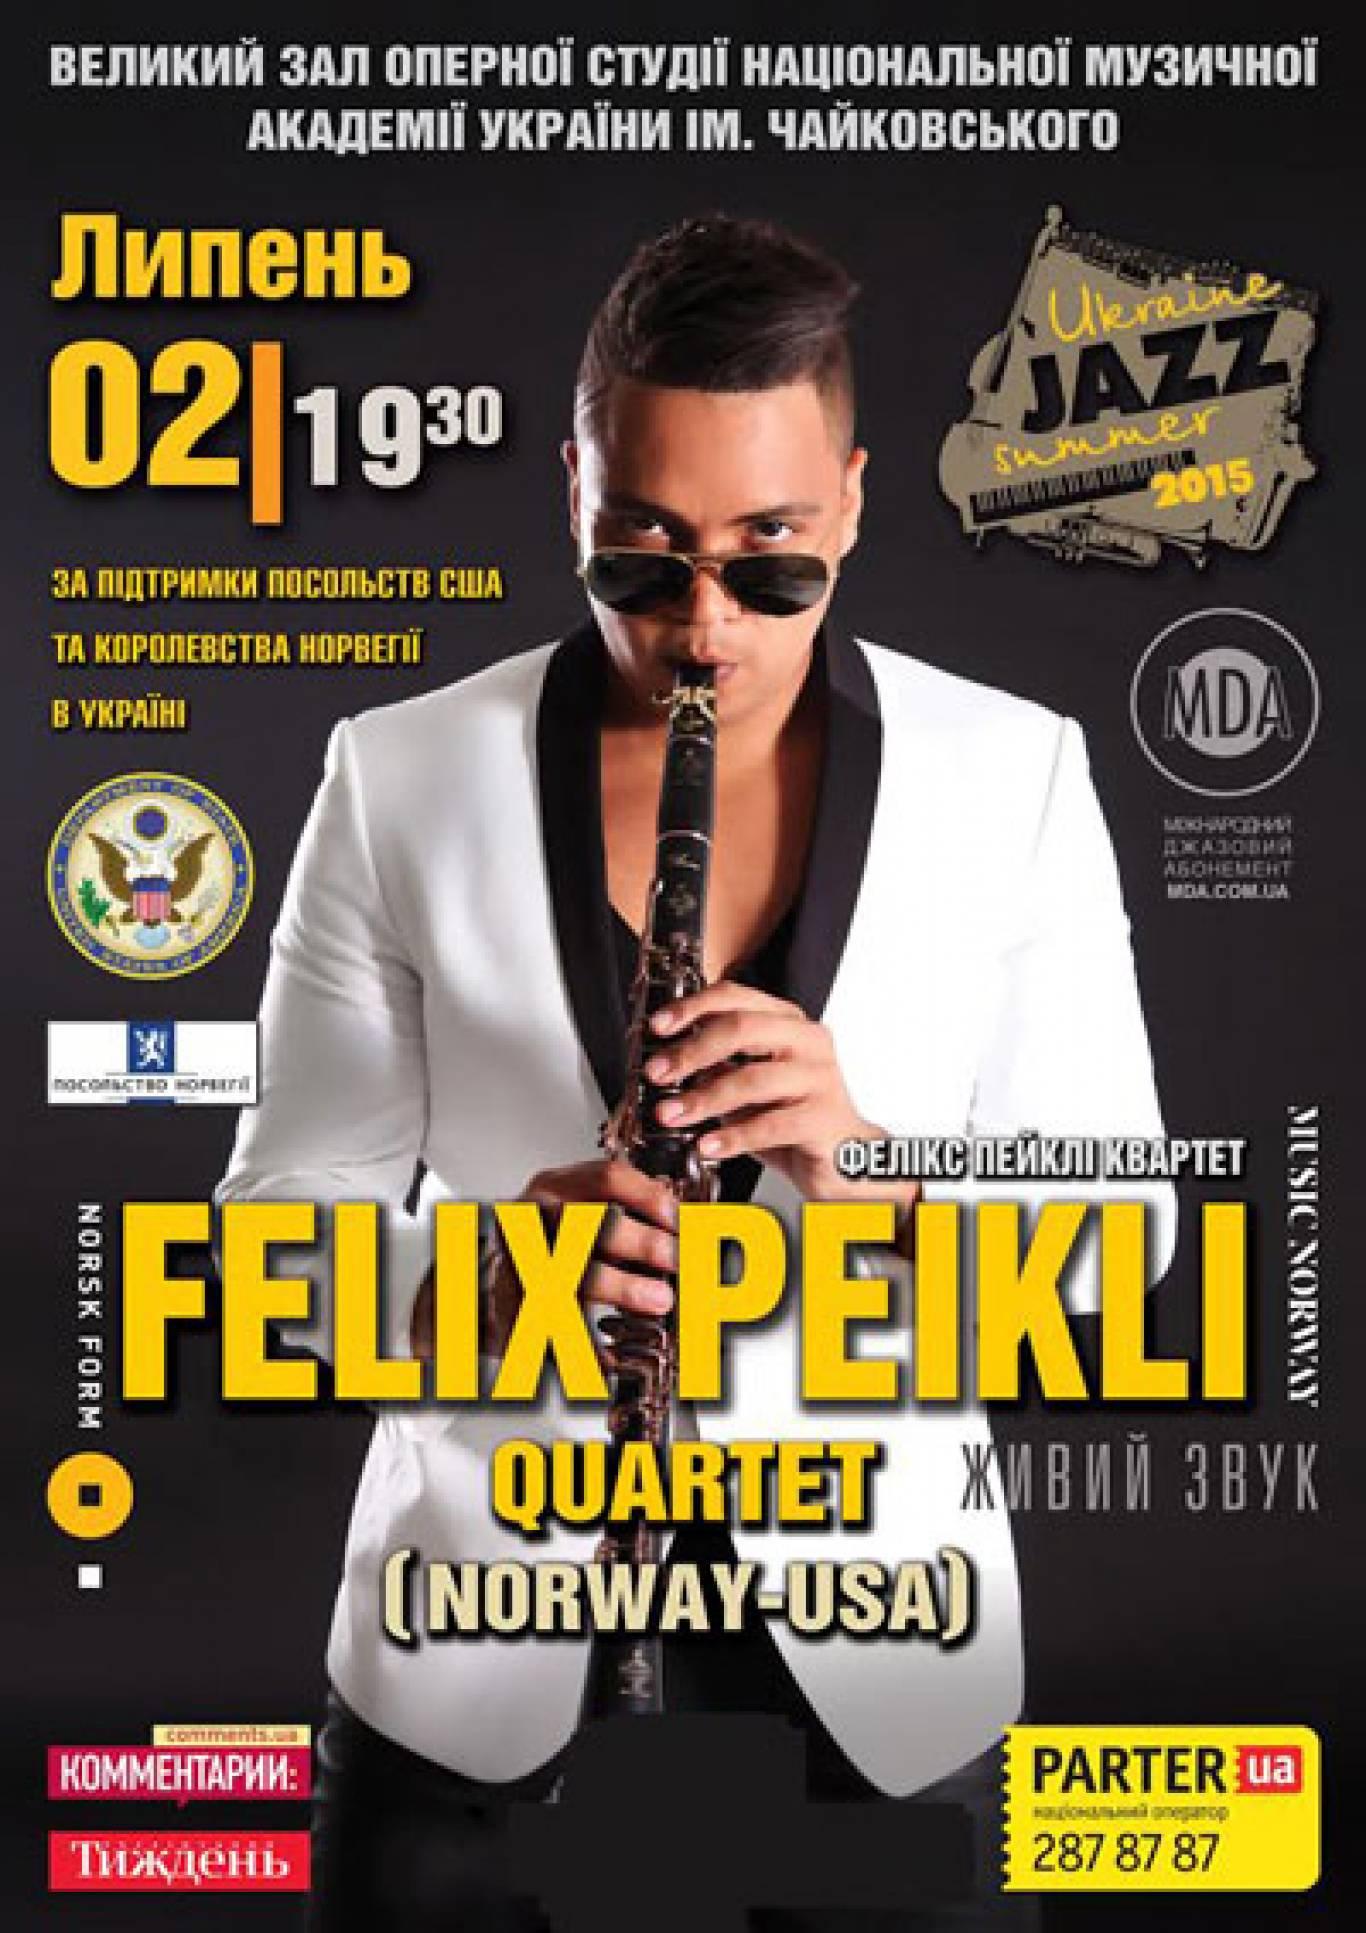 Концерт норвезького саксофоніста Felix Peikli Quartet